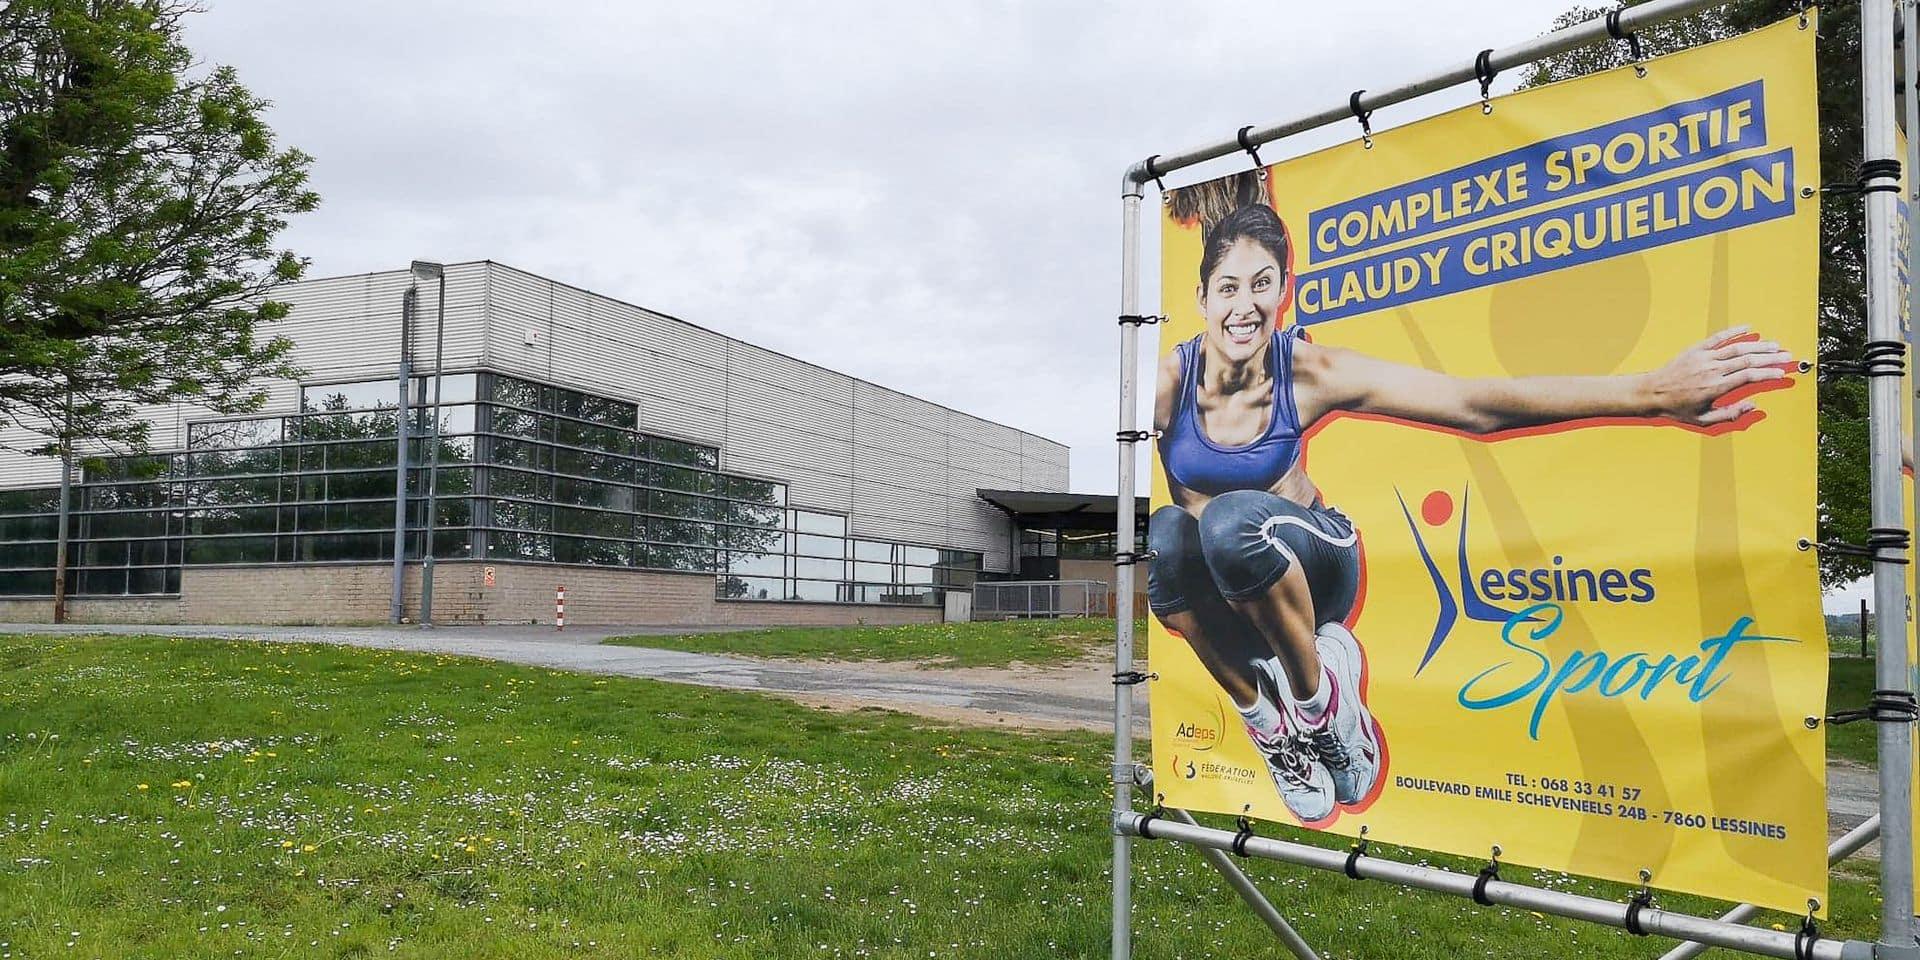 Lessines : le centre sportif suspend ses activités pour les adultes